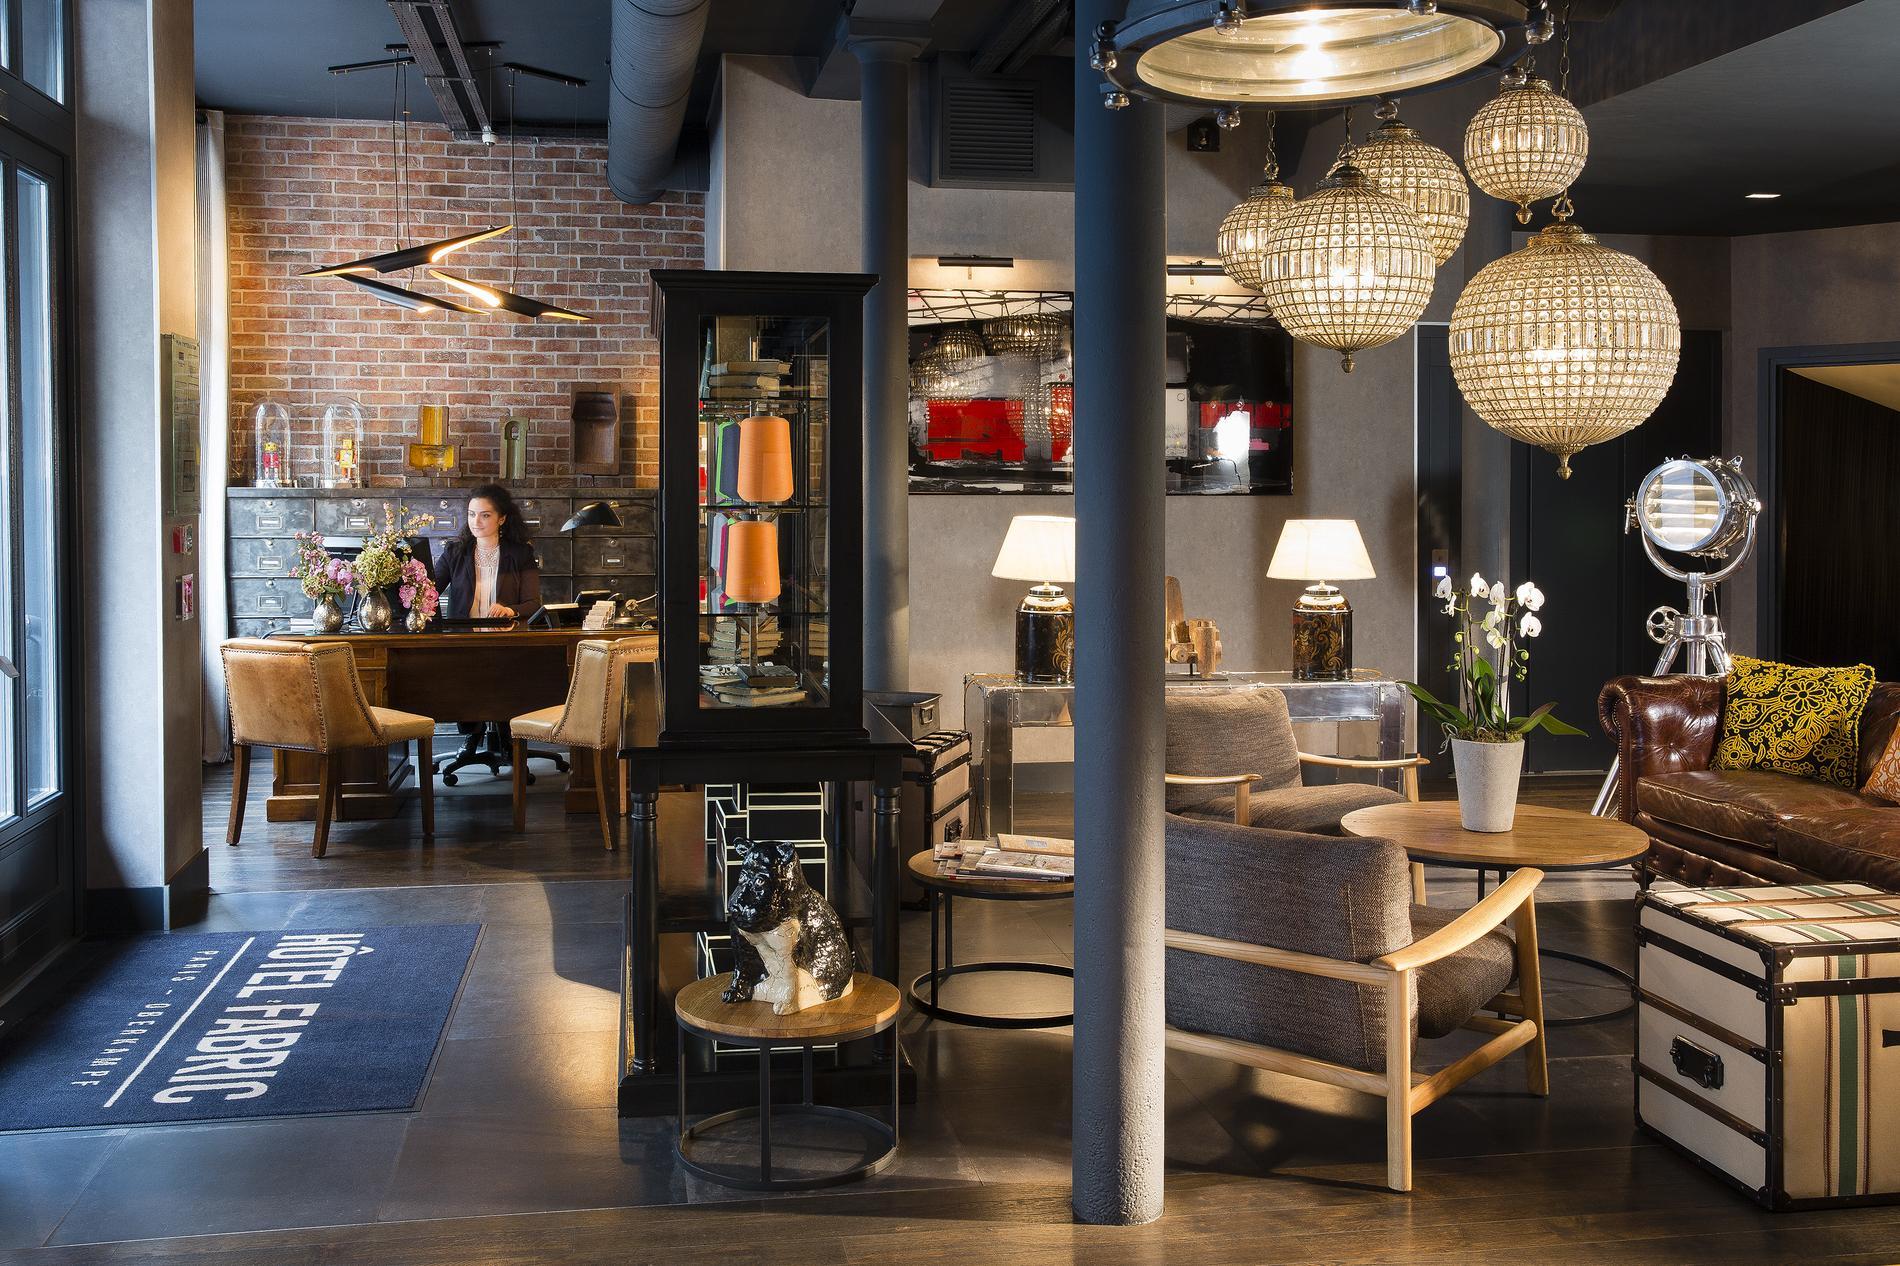 trivago d voile le classement des meilleurs h tels en france selon les voyageurs madame figaro. Black Bedroom Furniture Sets. Home Design Ideas